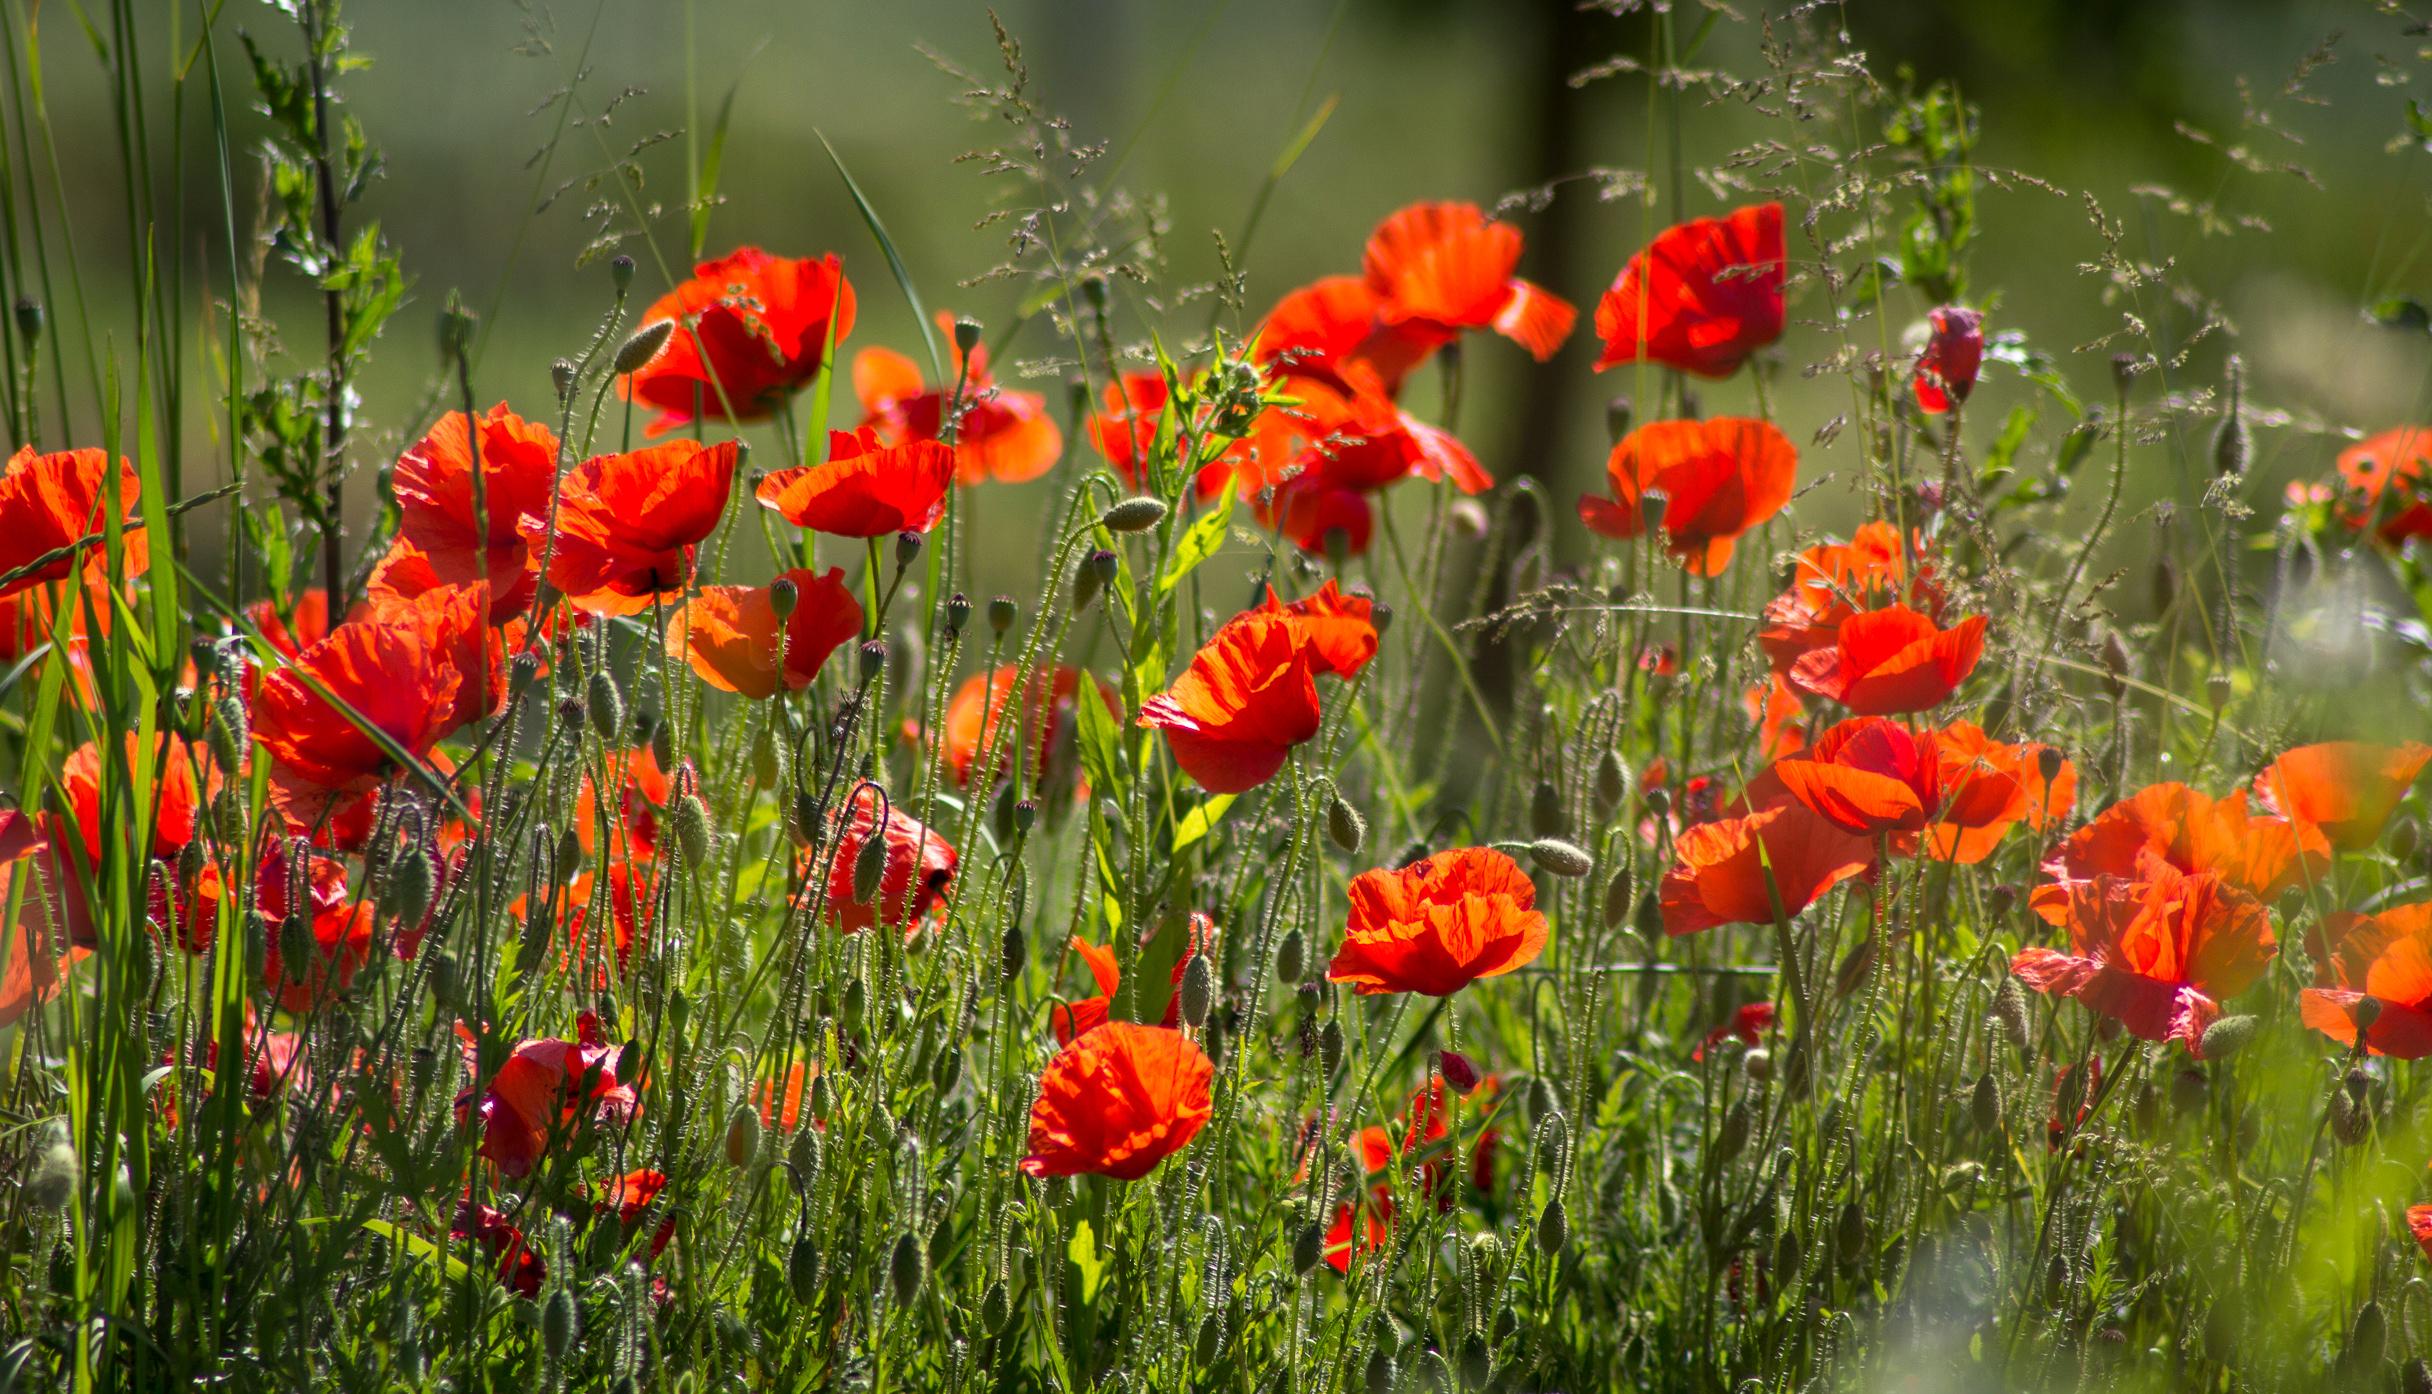 Картинка: Мак, цветы, трава, солнечный свет, лето